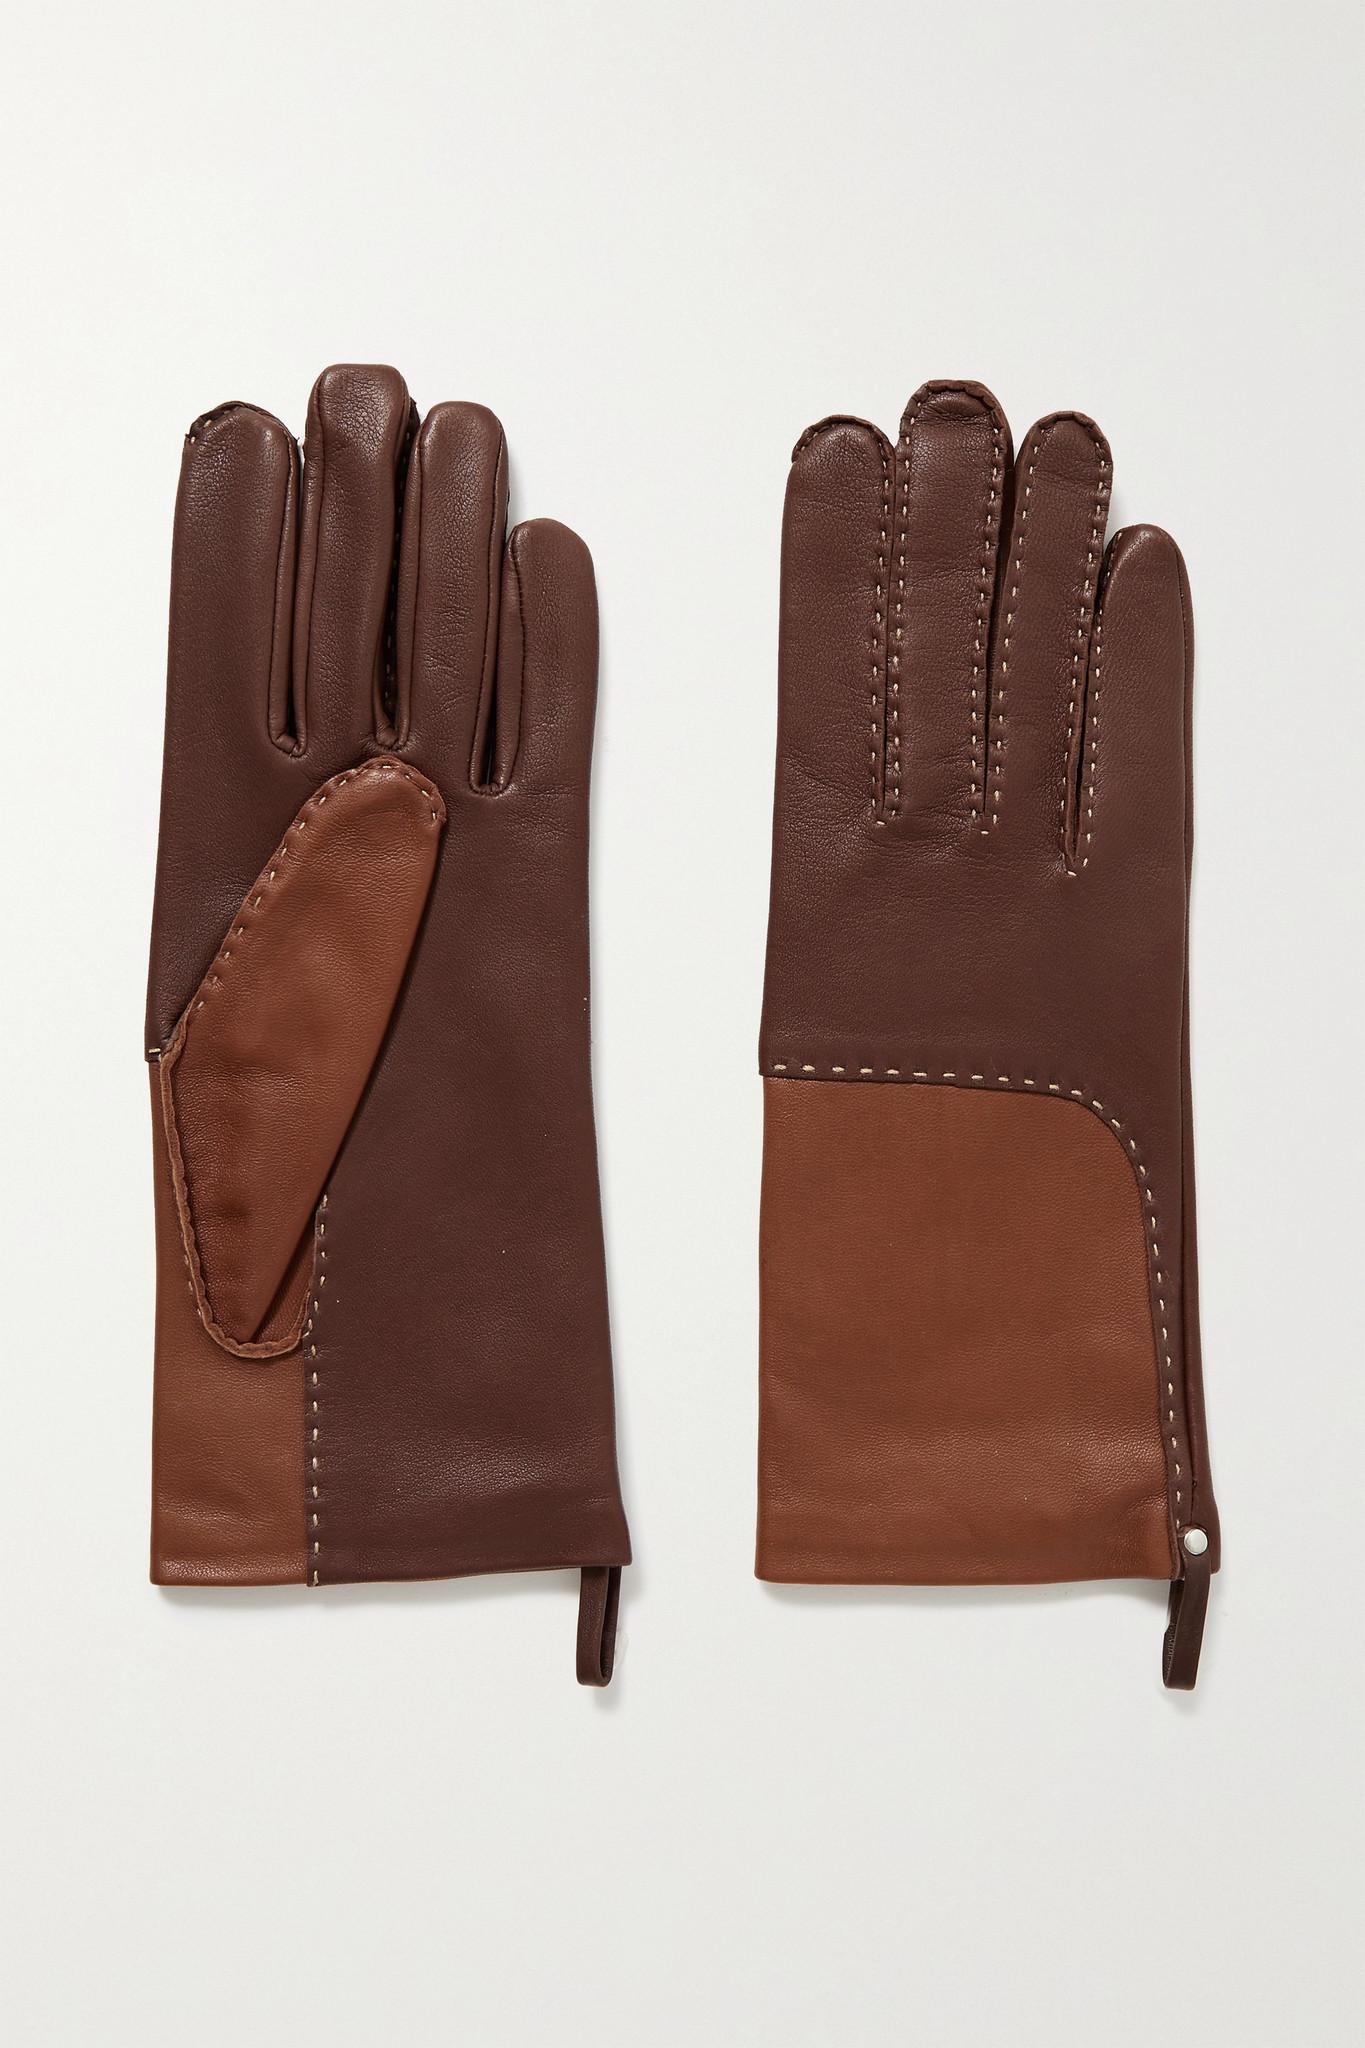 Agnelle - Yaelle 明线细节双色皮革手套 - 棕色 - 7